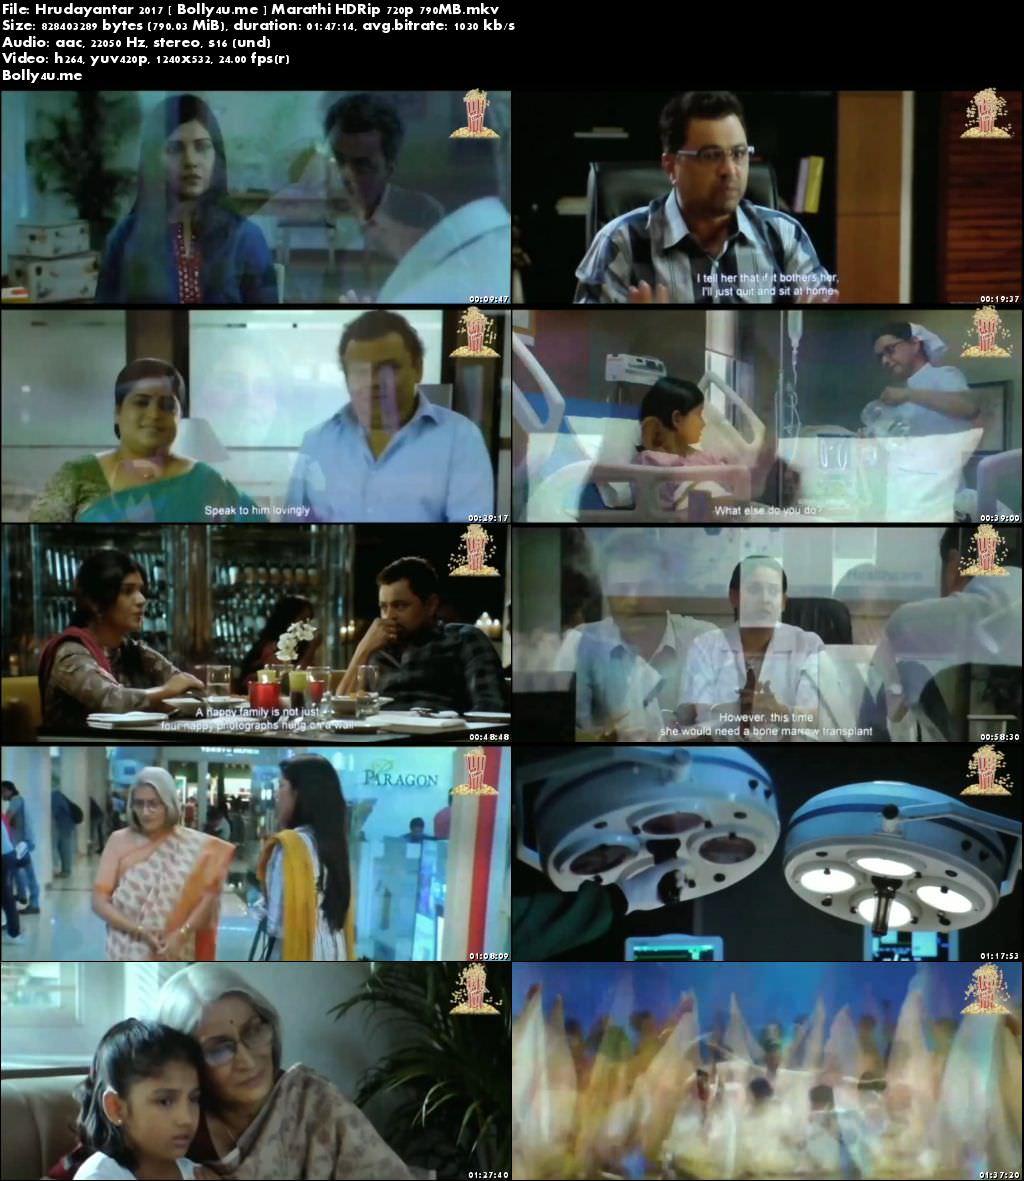 Hrudayantar 2017 HDRip 800MB Marathi 720p Download